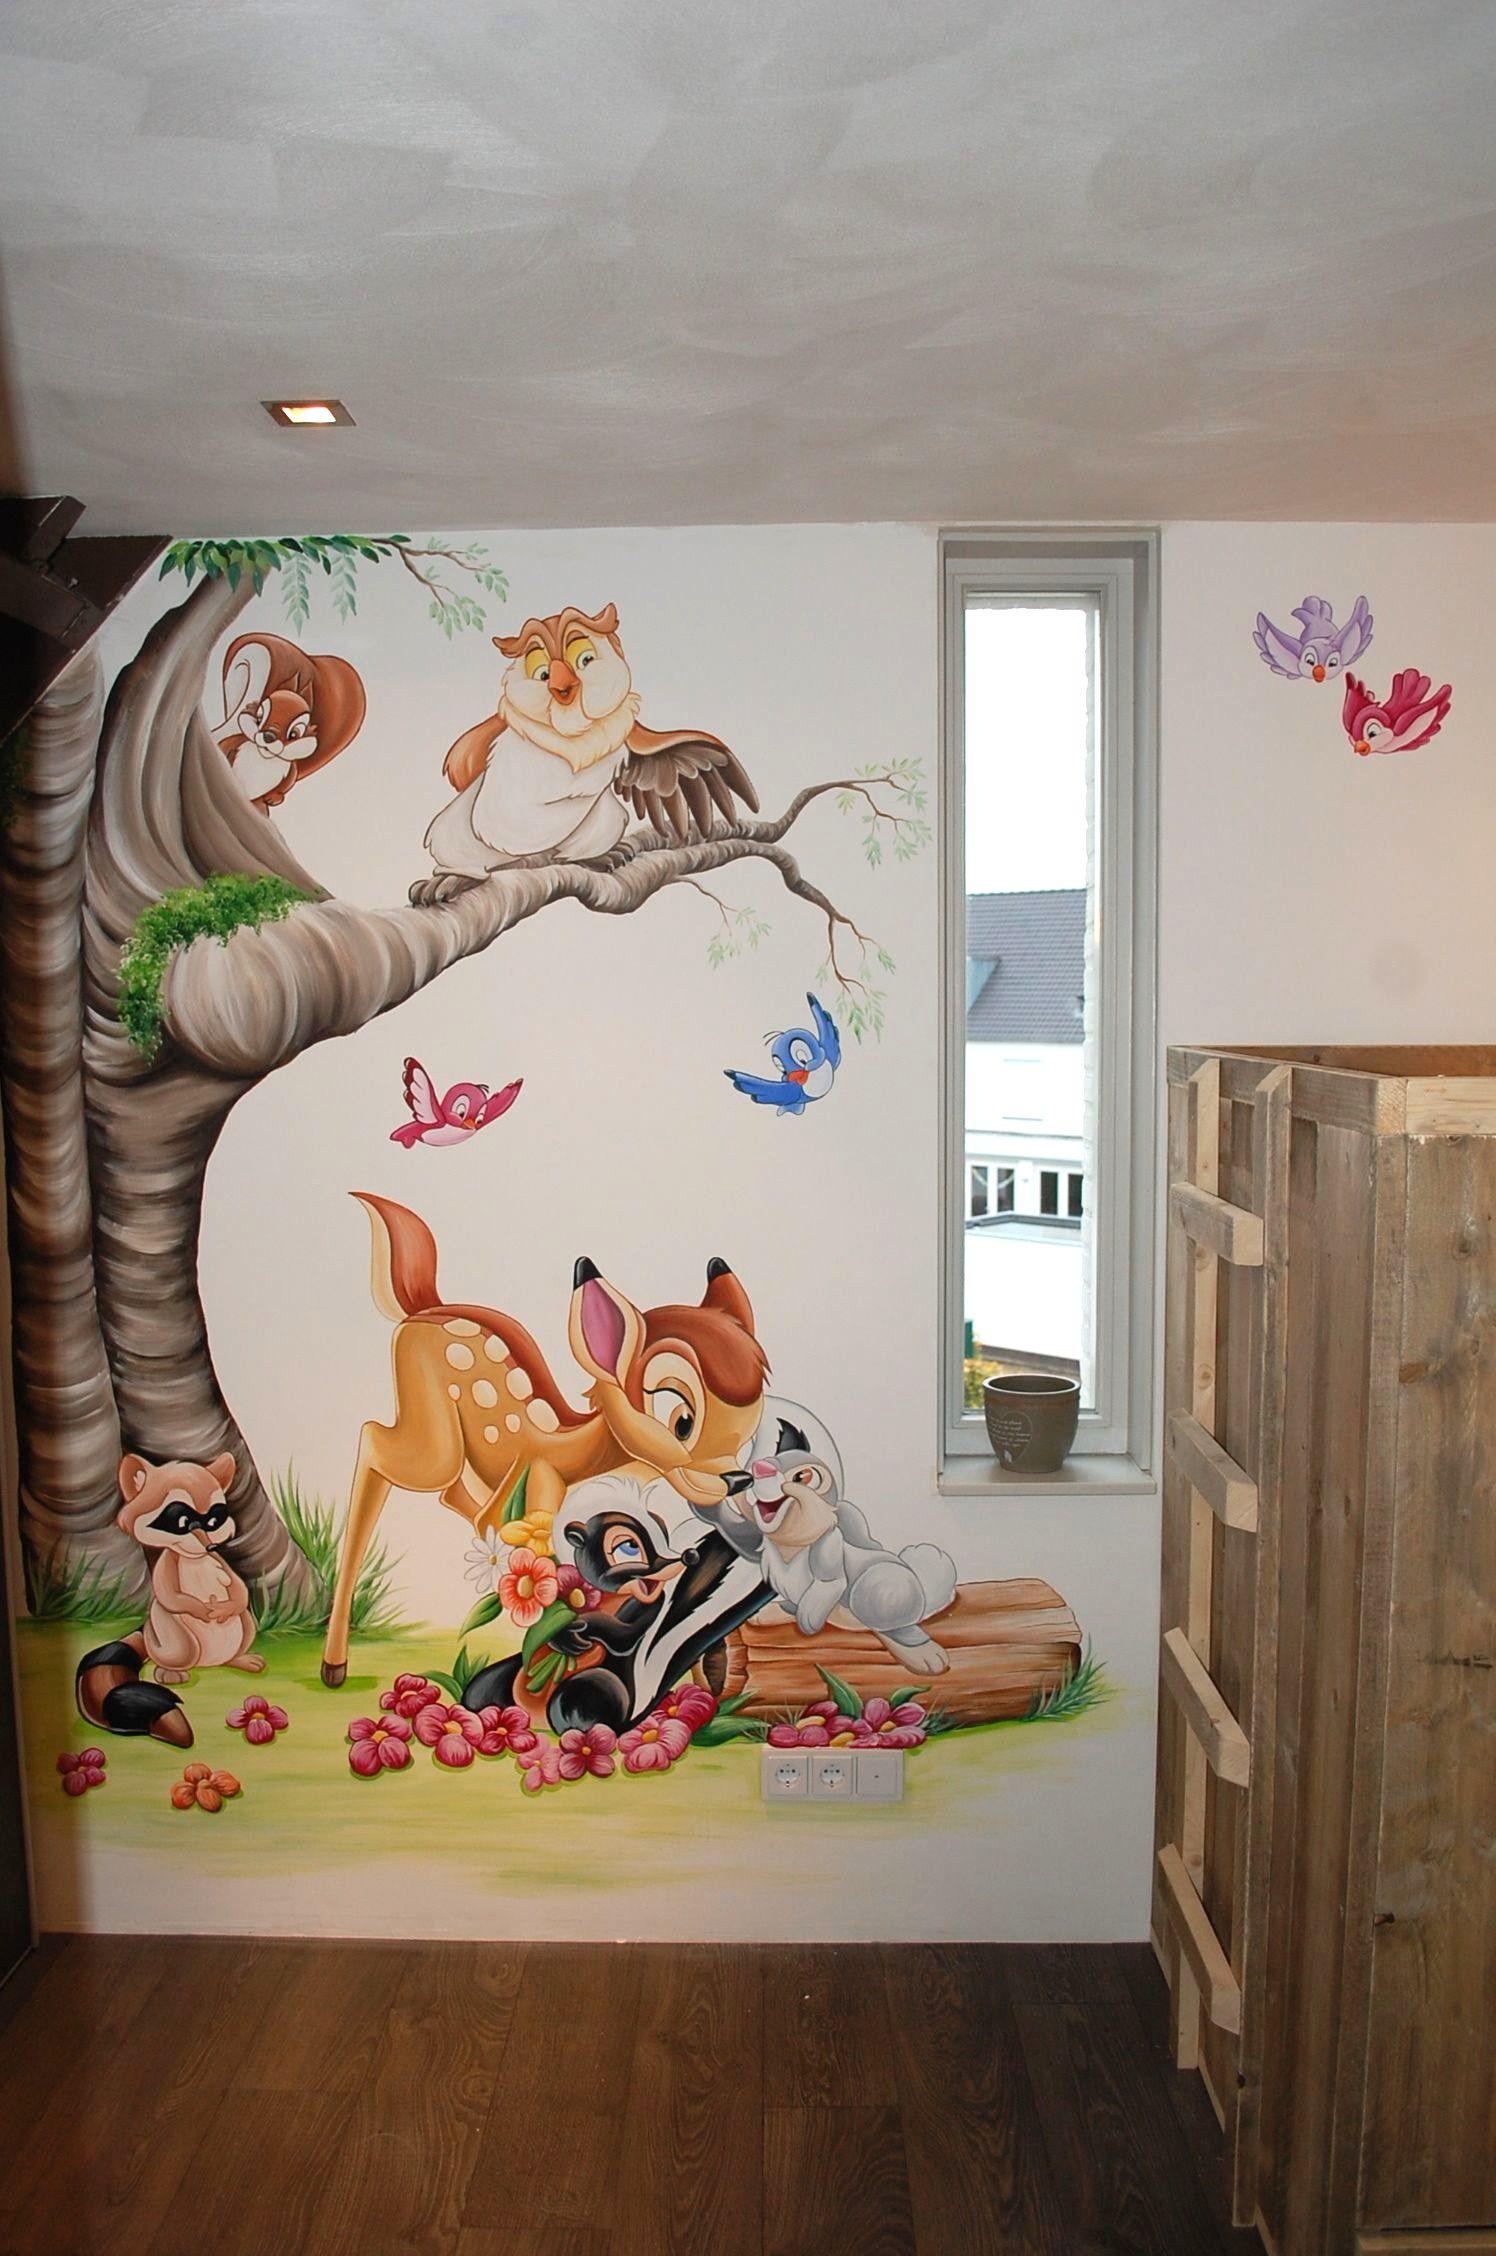 Kinderzimmer Wandgestaltung Disney In 2020 Kinder Zimmer